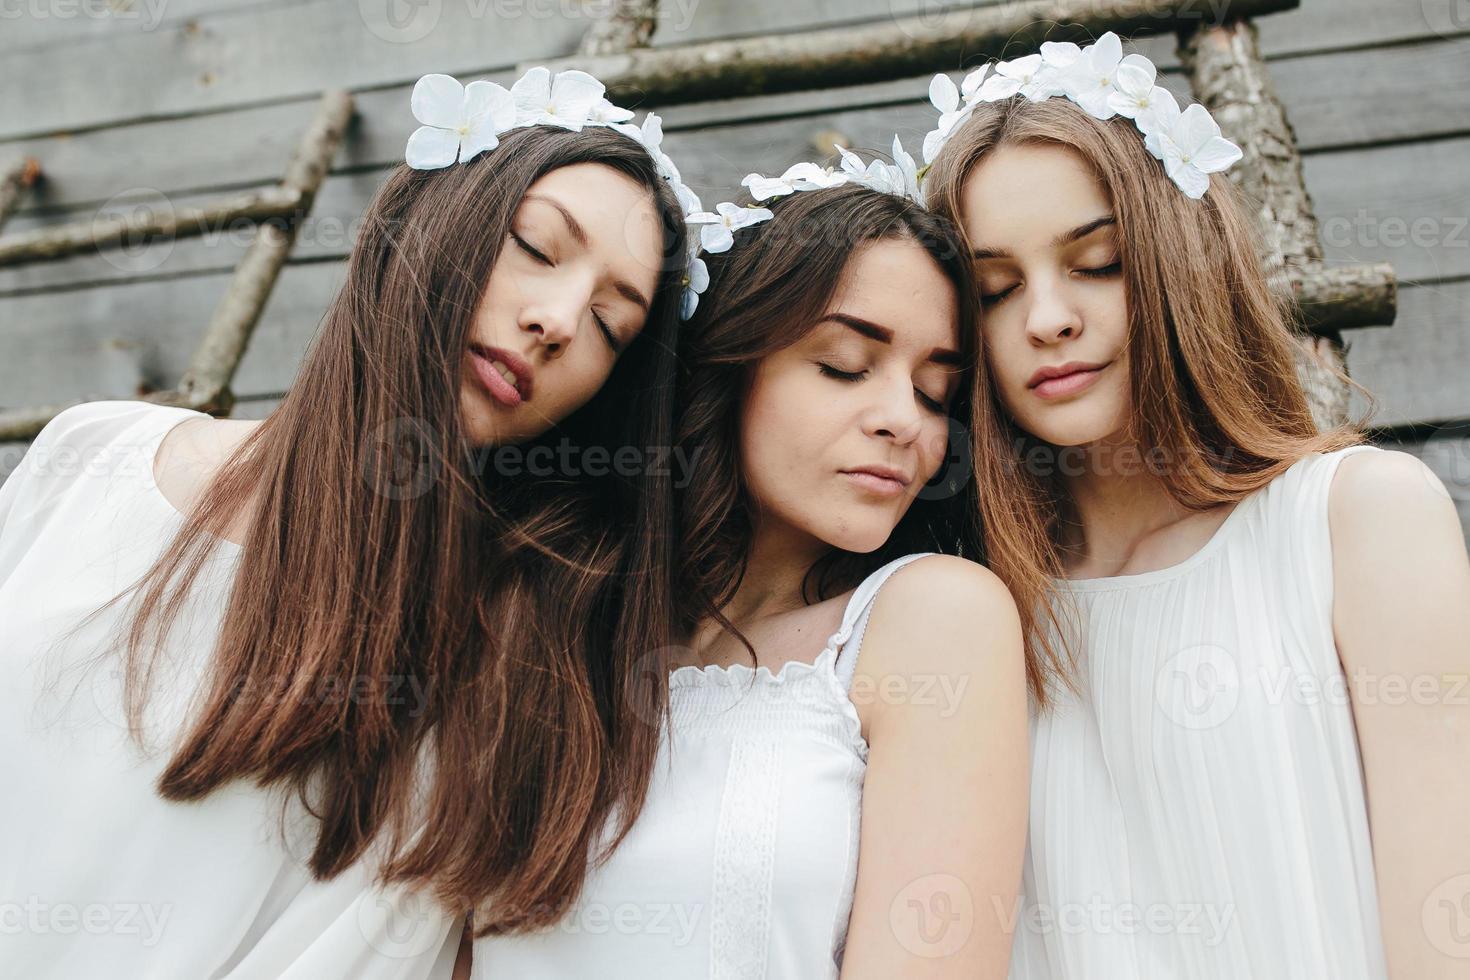 tre belle ragazze foto